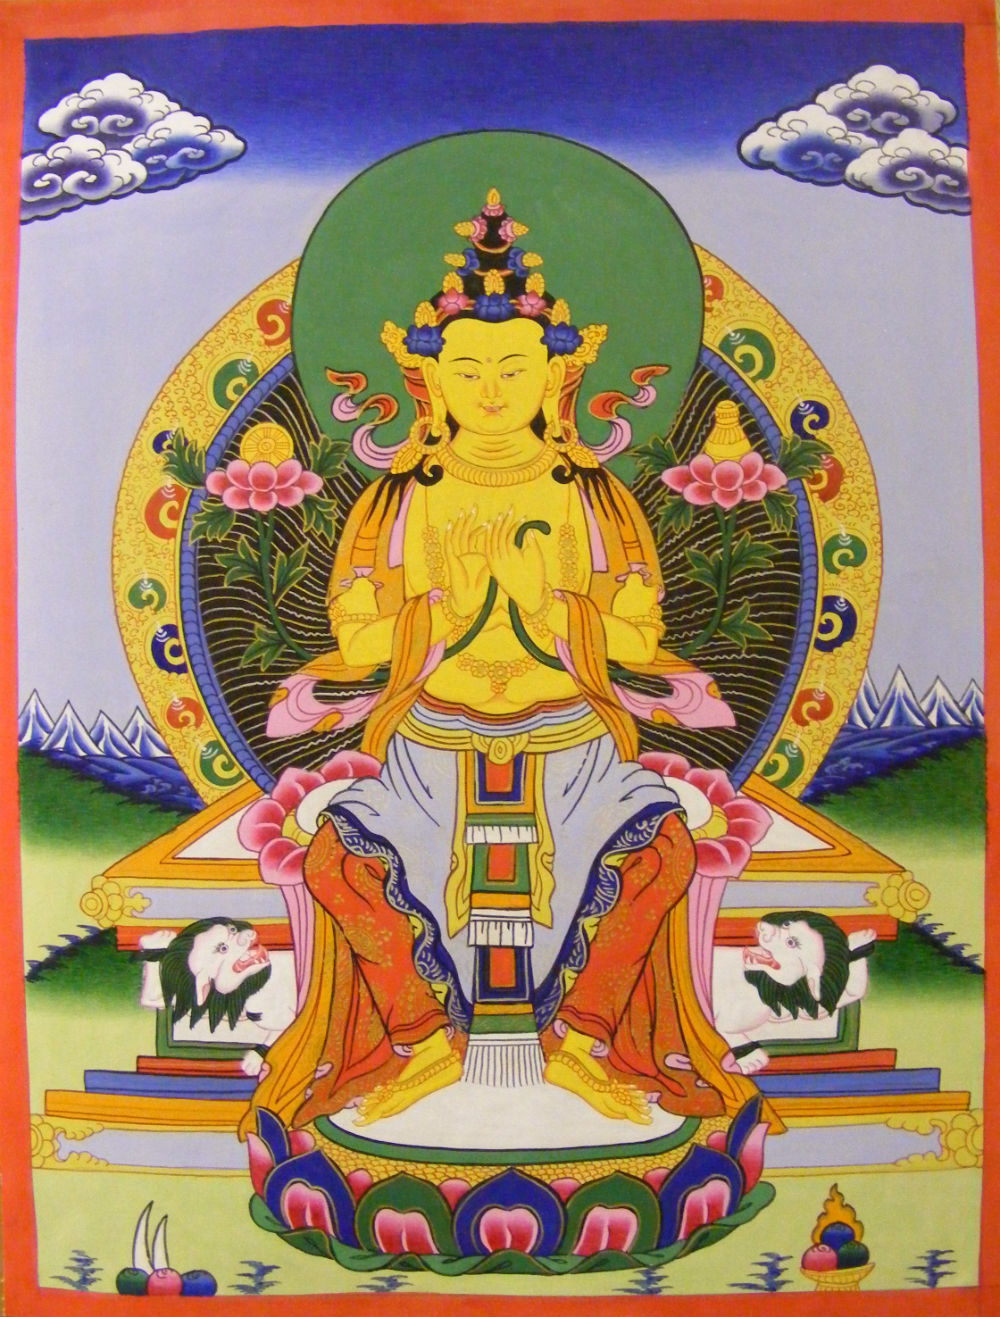 Genuine Original Tibetan Buddhist Thangka Painting - White Tara ...